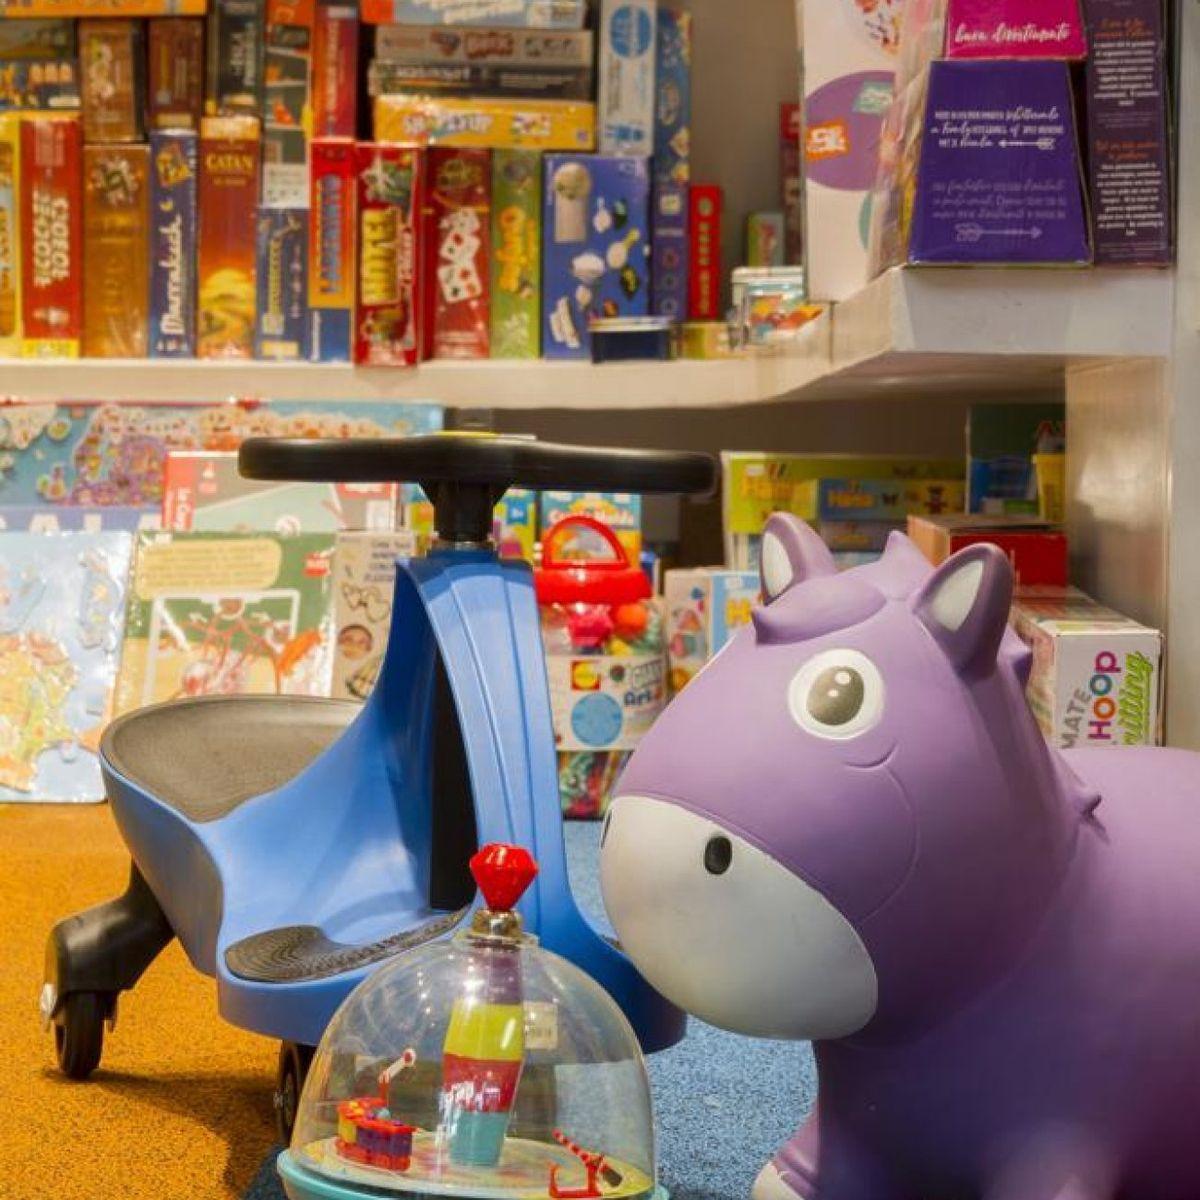 4613-ingenius-toys-juguetes-creativos-04